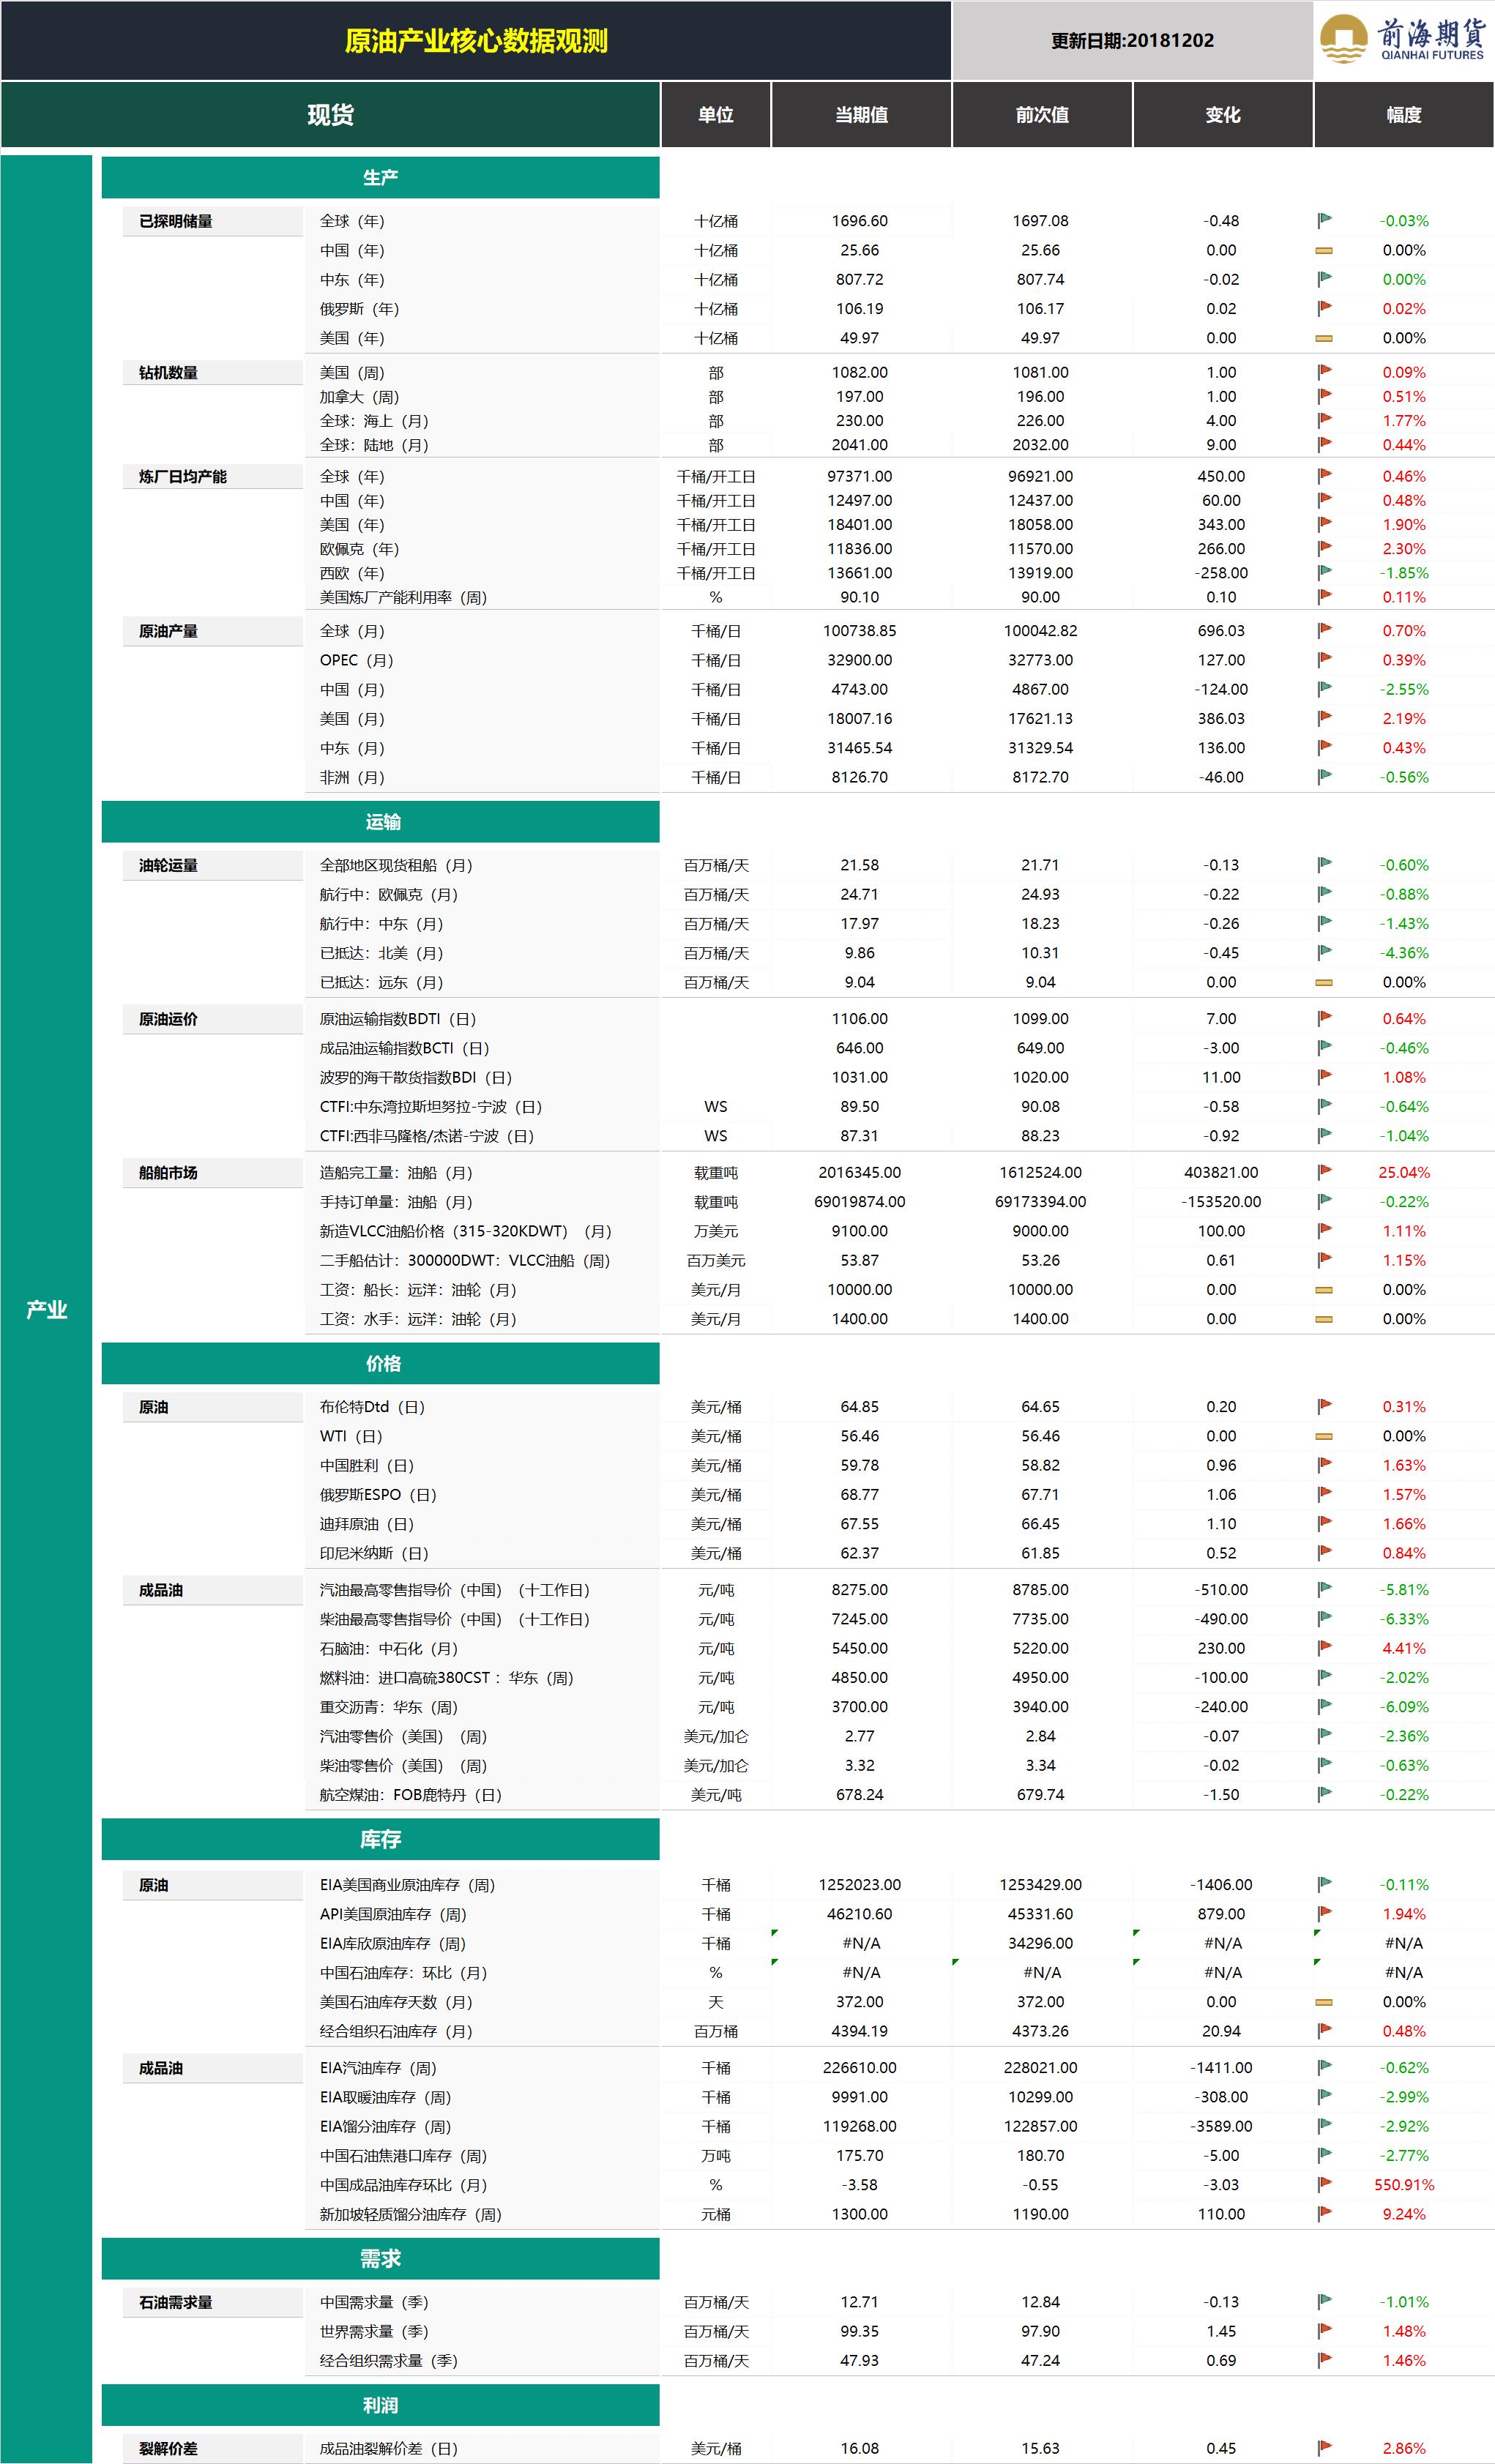 20181203前海期货—原油产业核心数据观测1.png